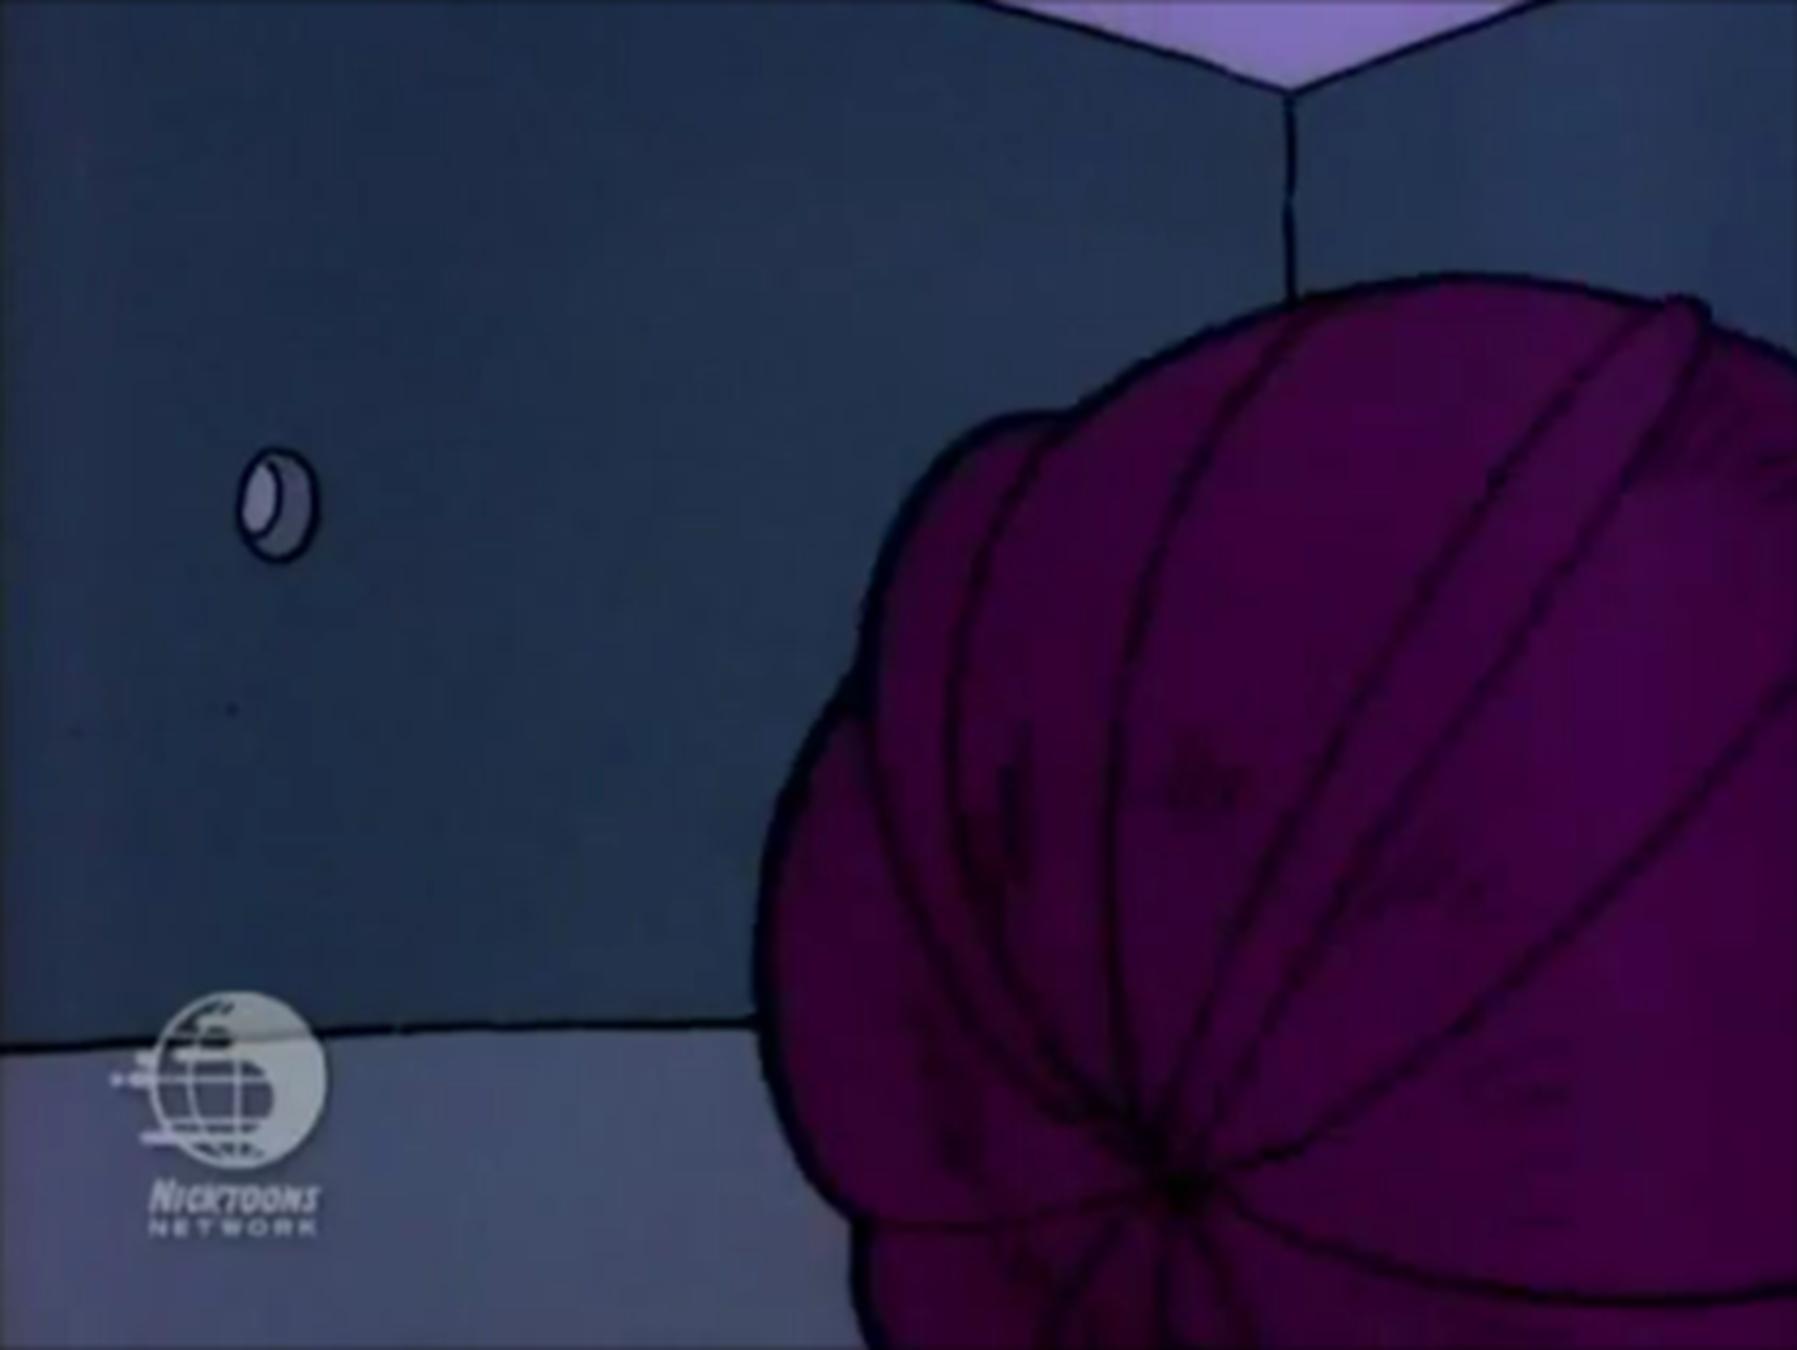 Rugrats - I Remember Melville (1).png